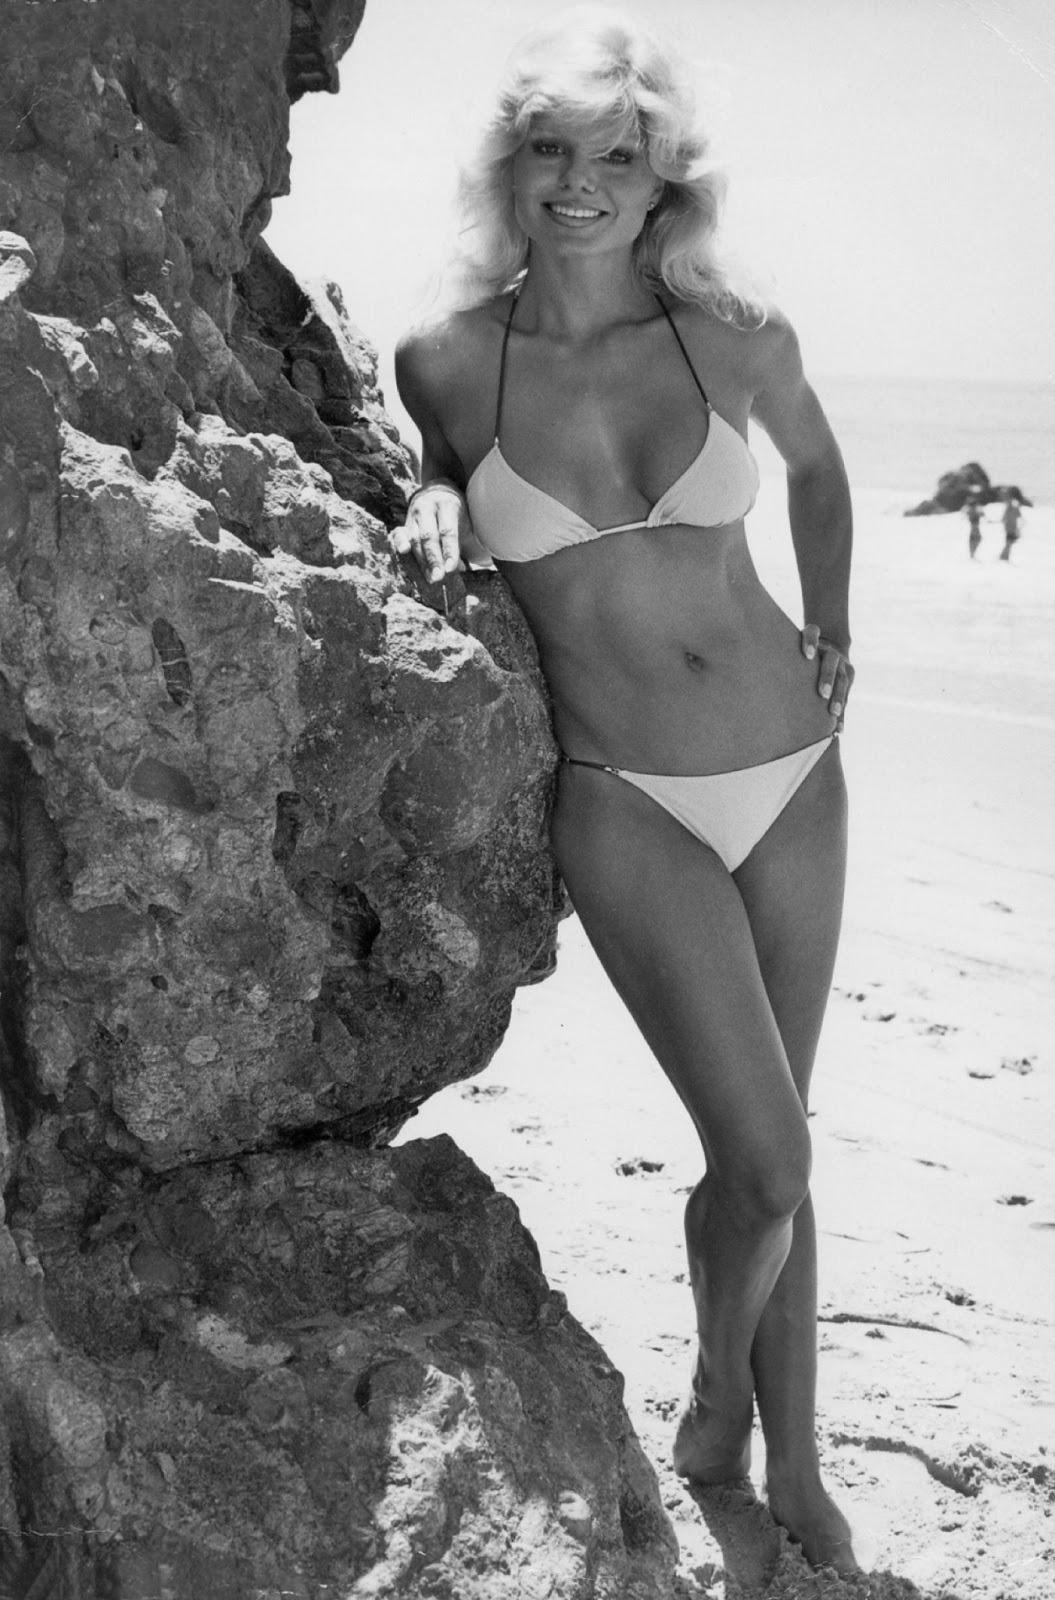 Loni Anderson Nude Photos 9